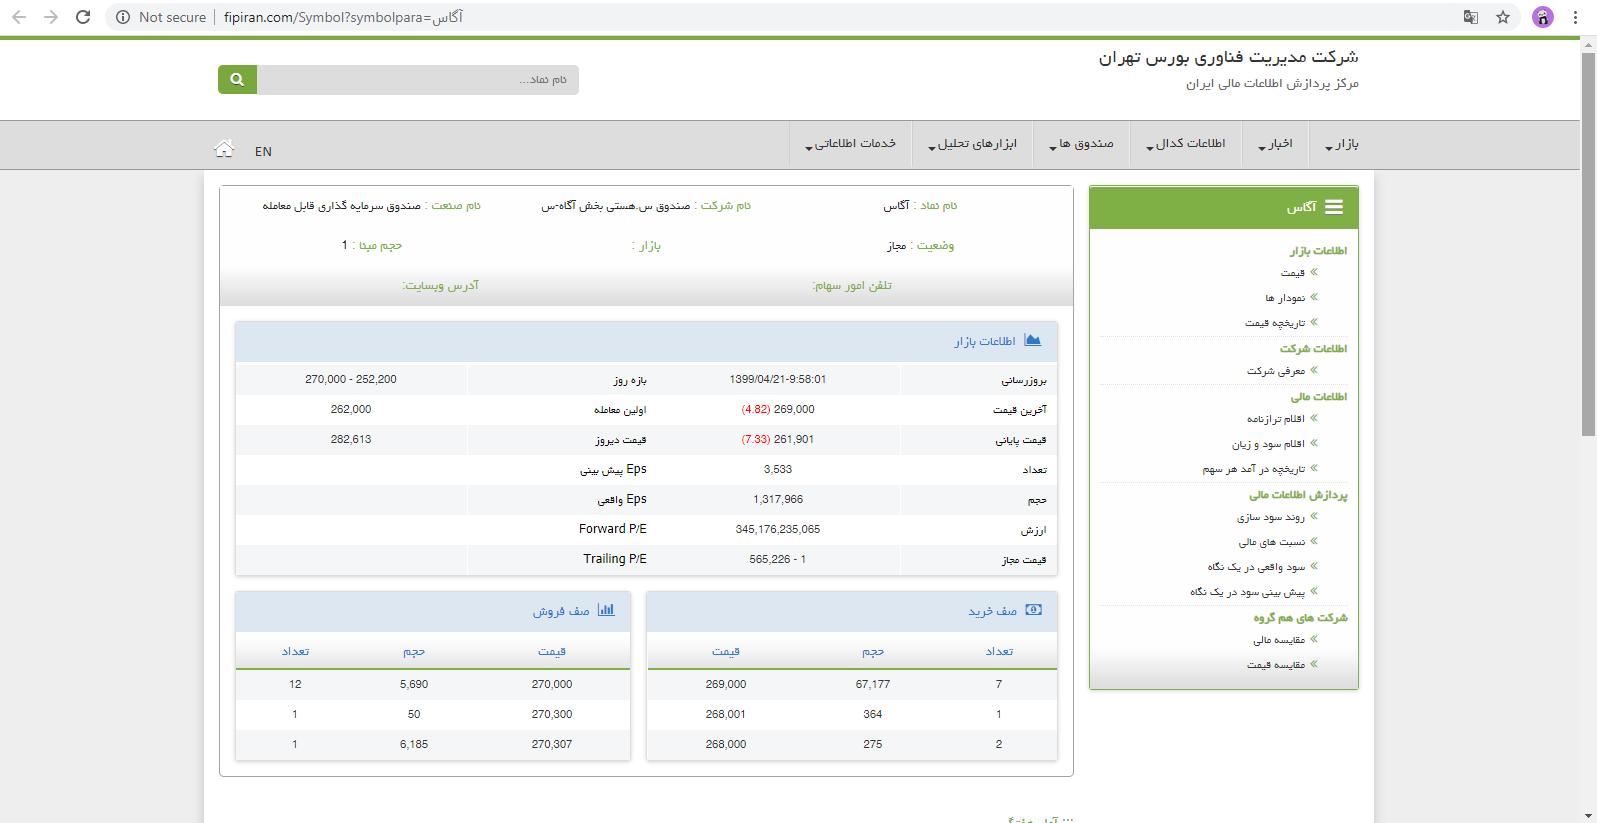 اظلاعات صندوق های سرمایه گذاری در سایت fipiran